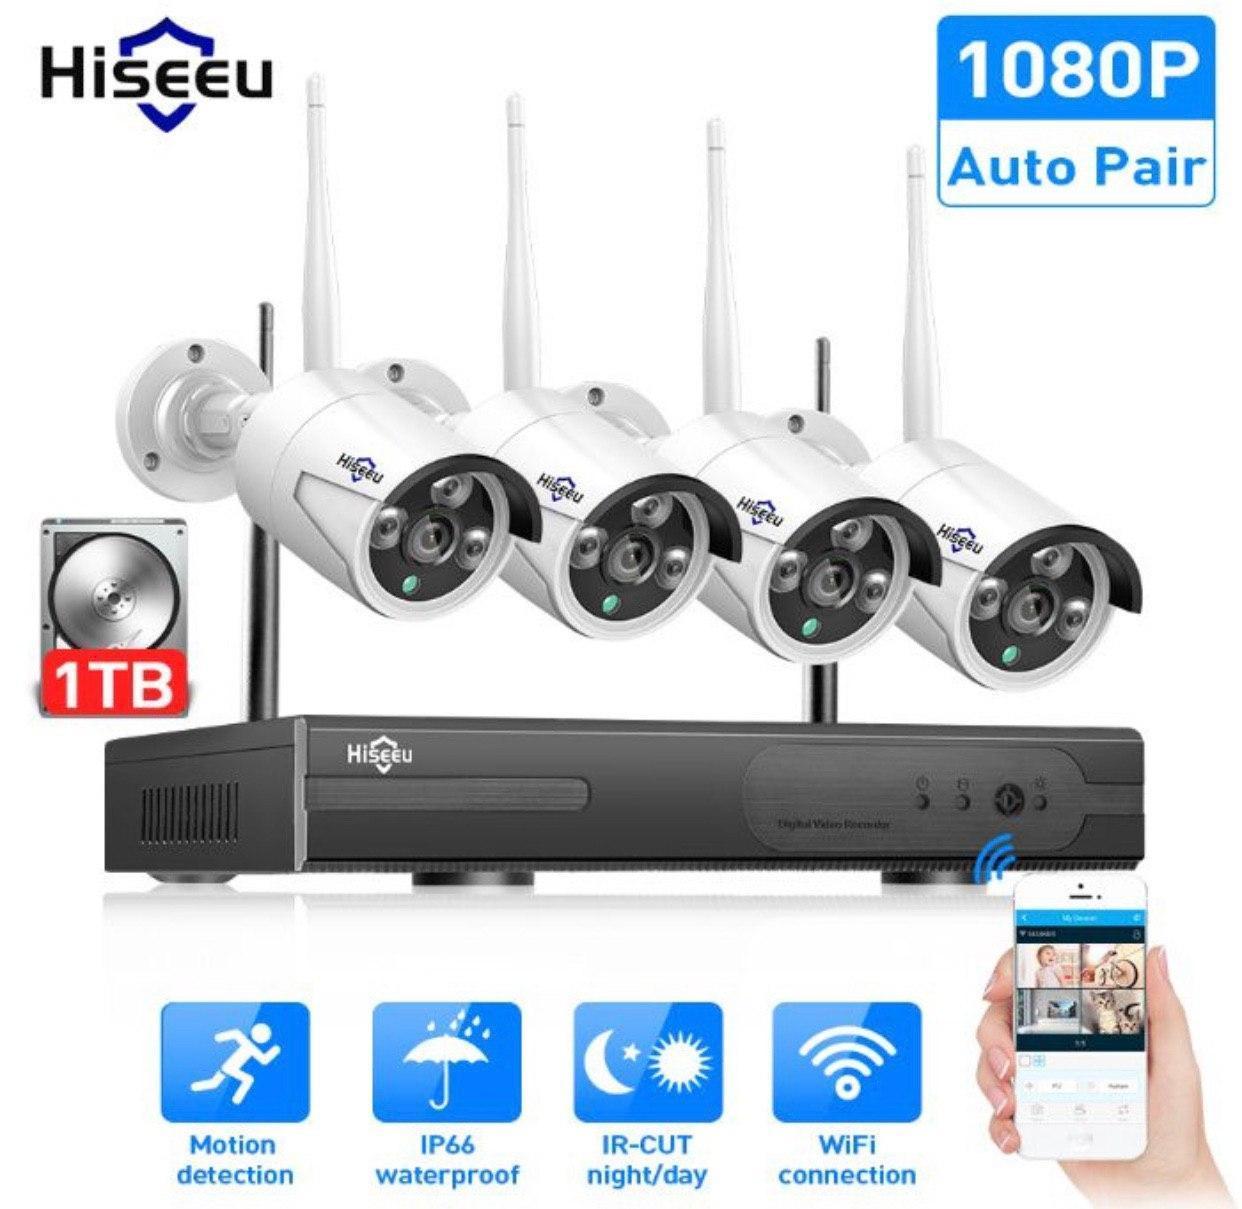 Система наблюдения Hiseeu 4 Wi-Fi камеры 1080P 8WNKIT 4HB612